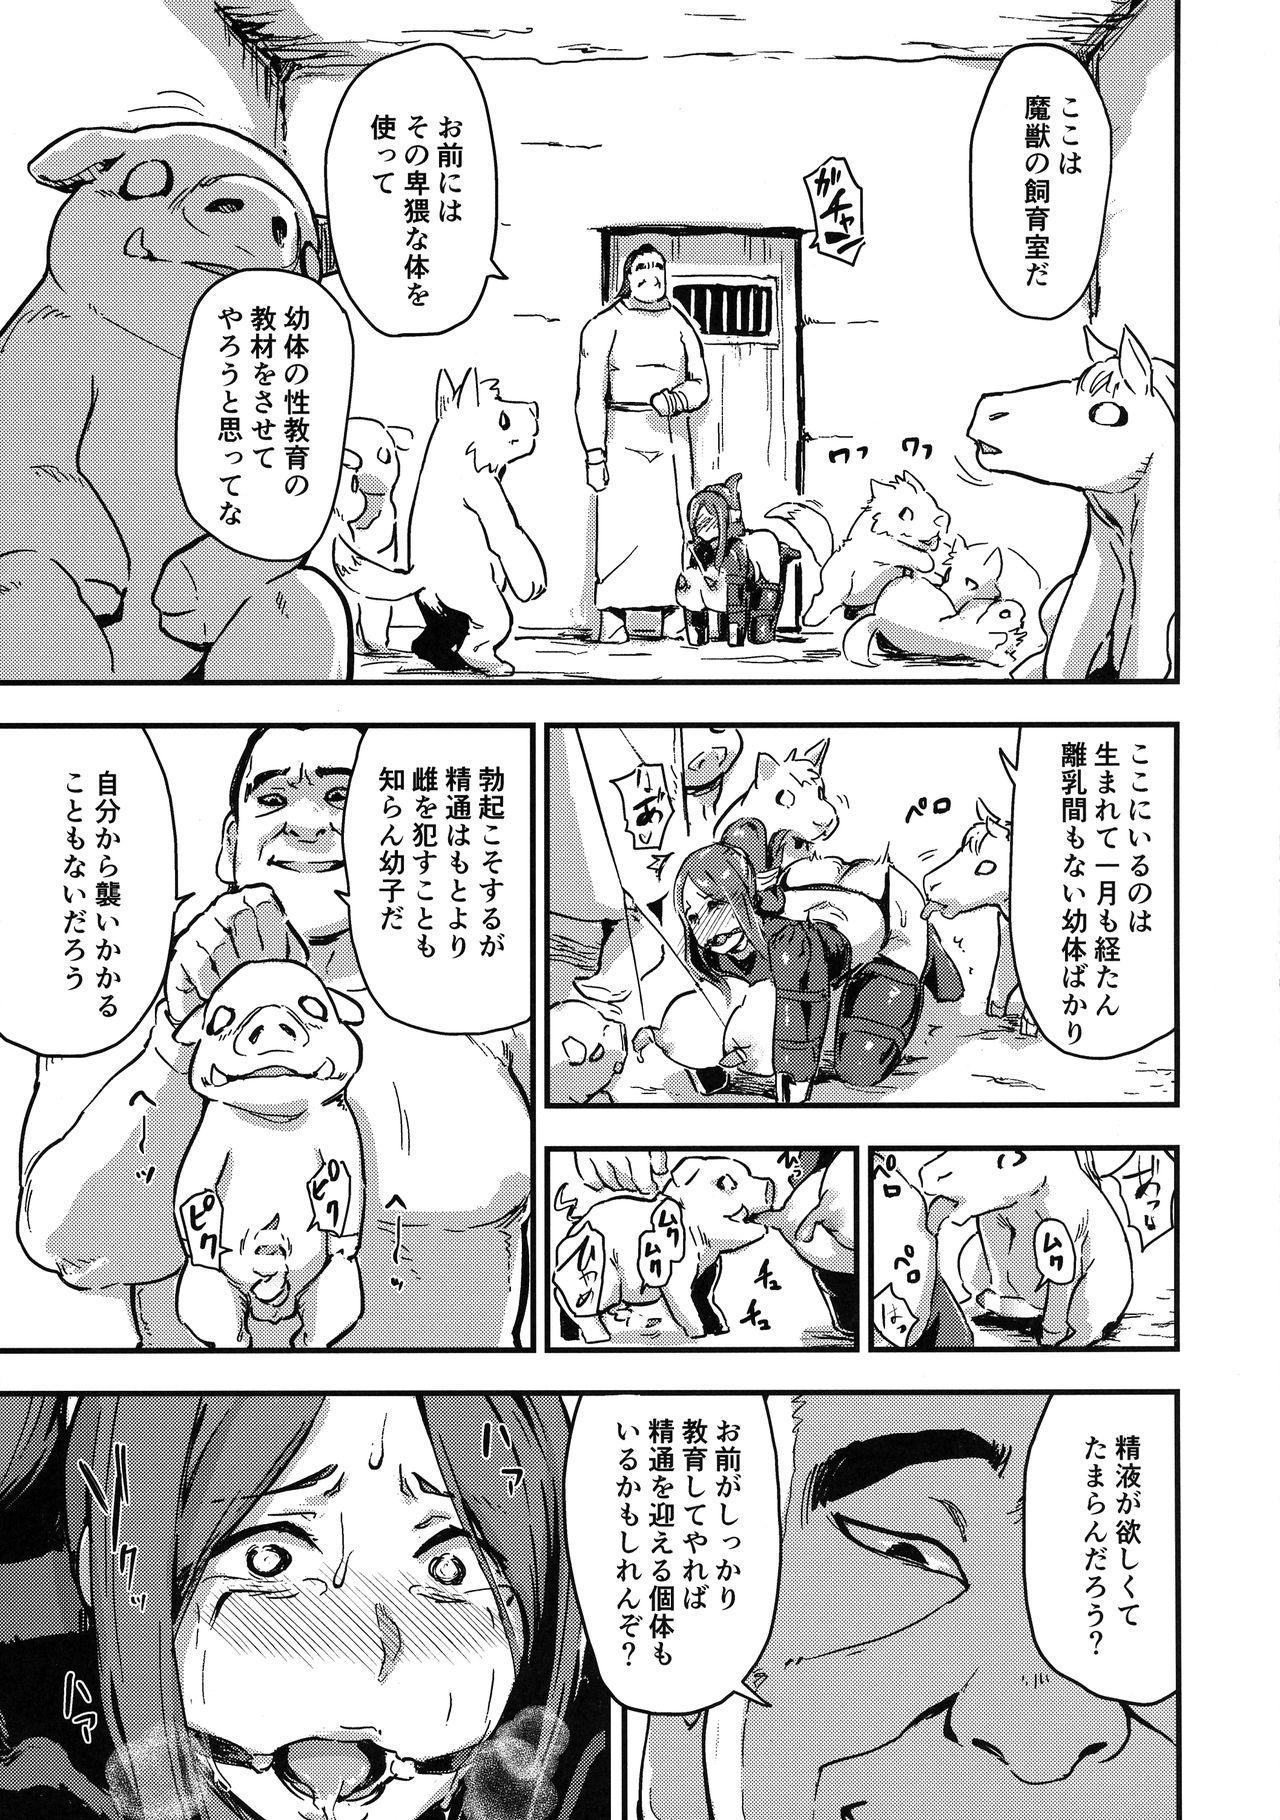 Majuu Teikoku Hishi-chuu Otto no Tame ni Kairaku Goumon ni Taeru Boukoku no Ouhi 22